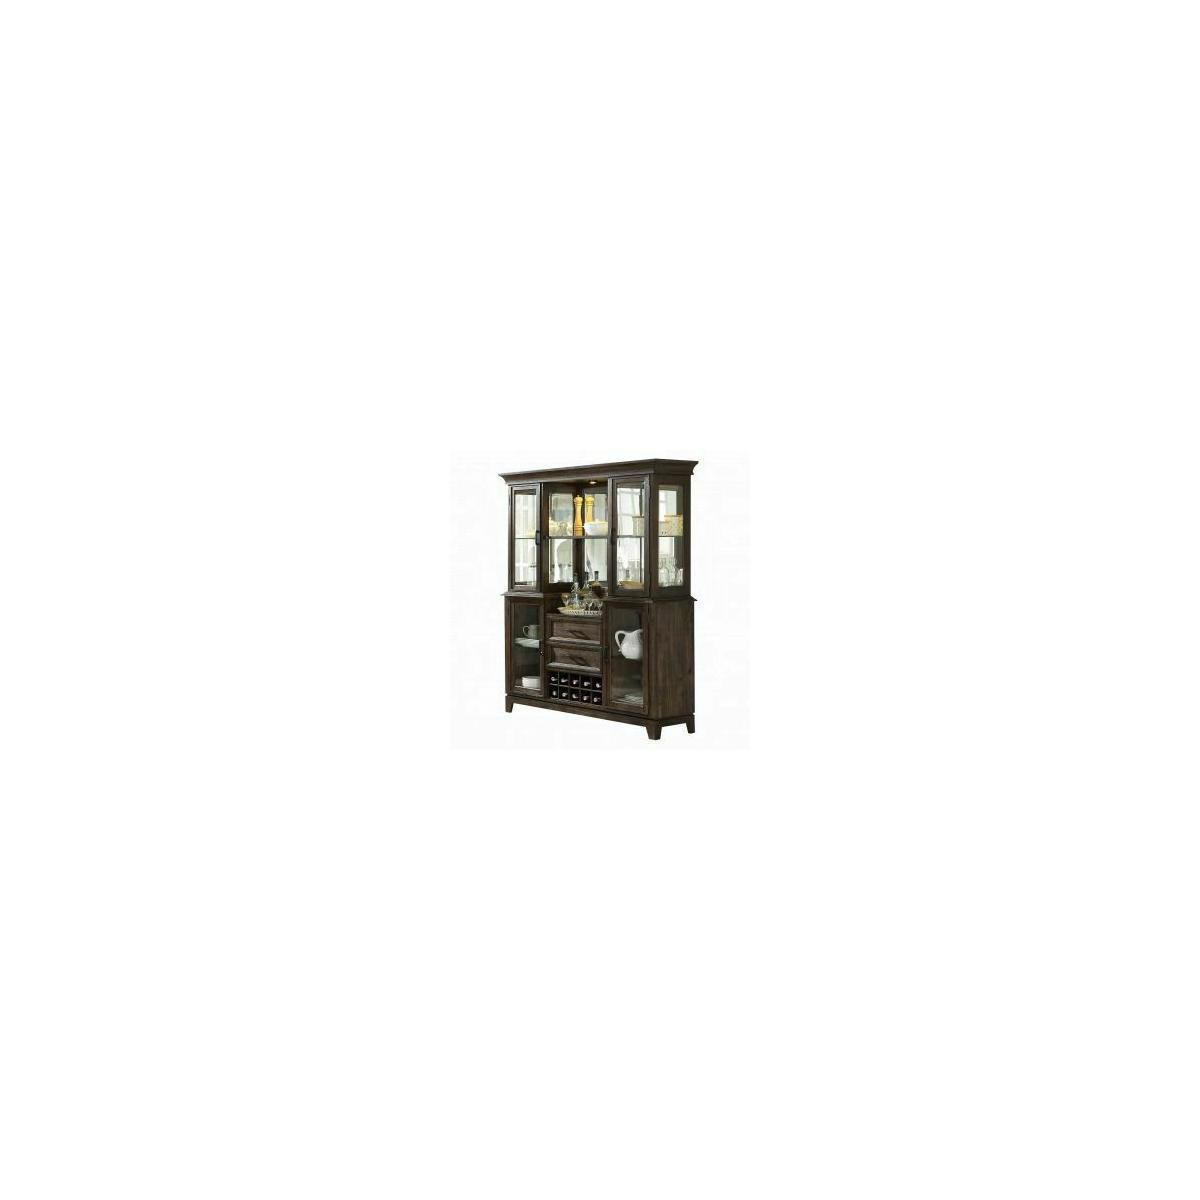 ACME Jameson Hutch & Buffet - 62323 - Espresso